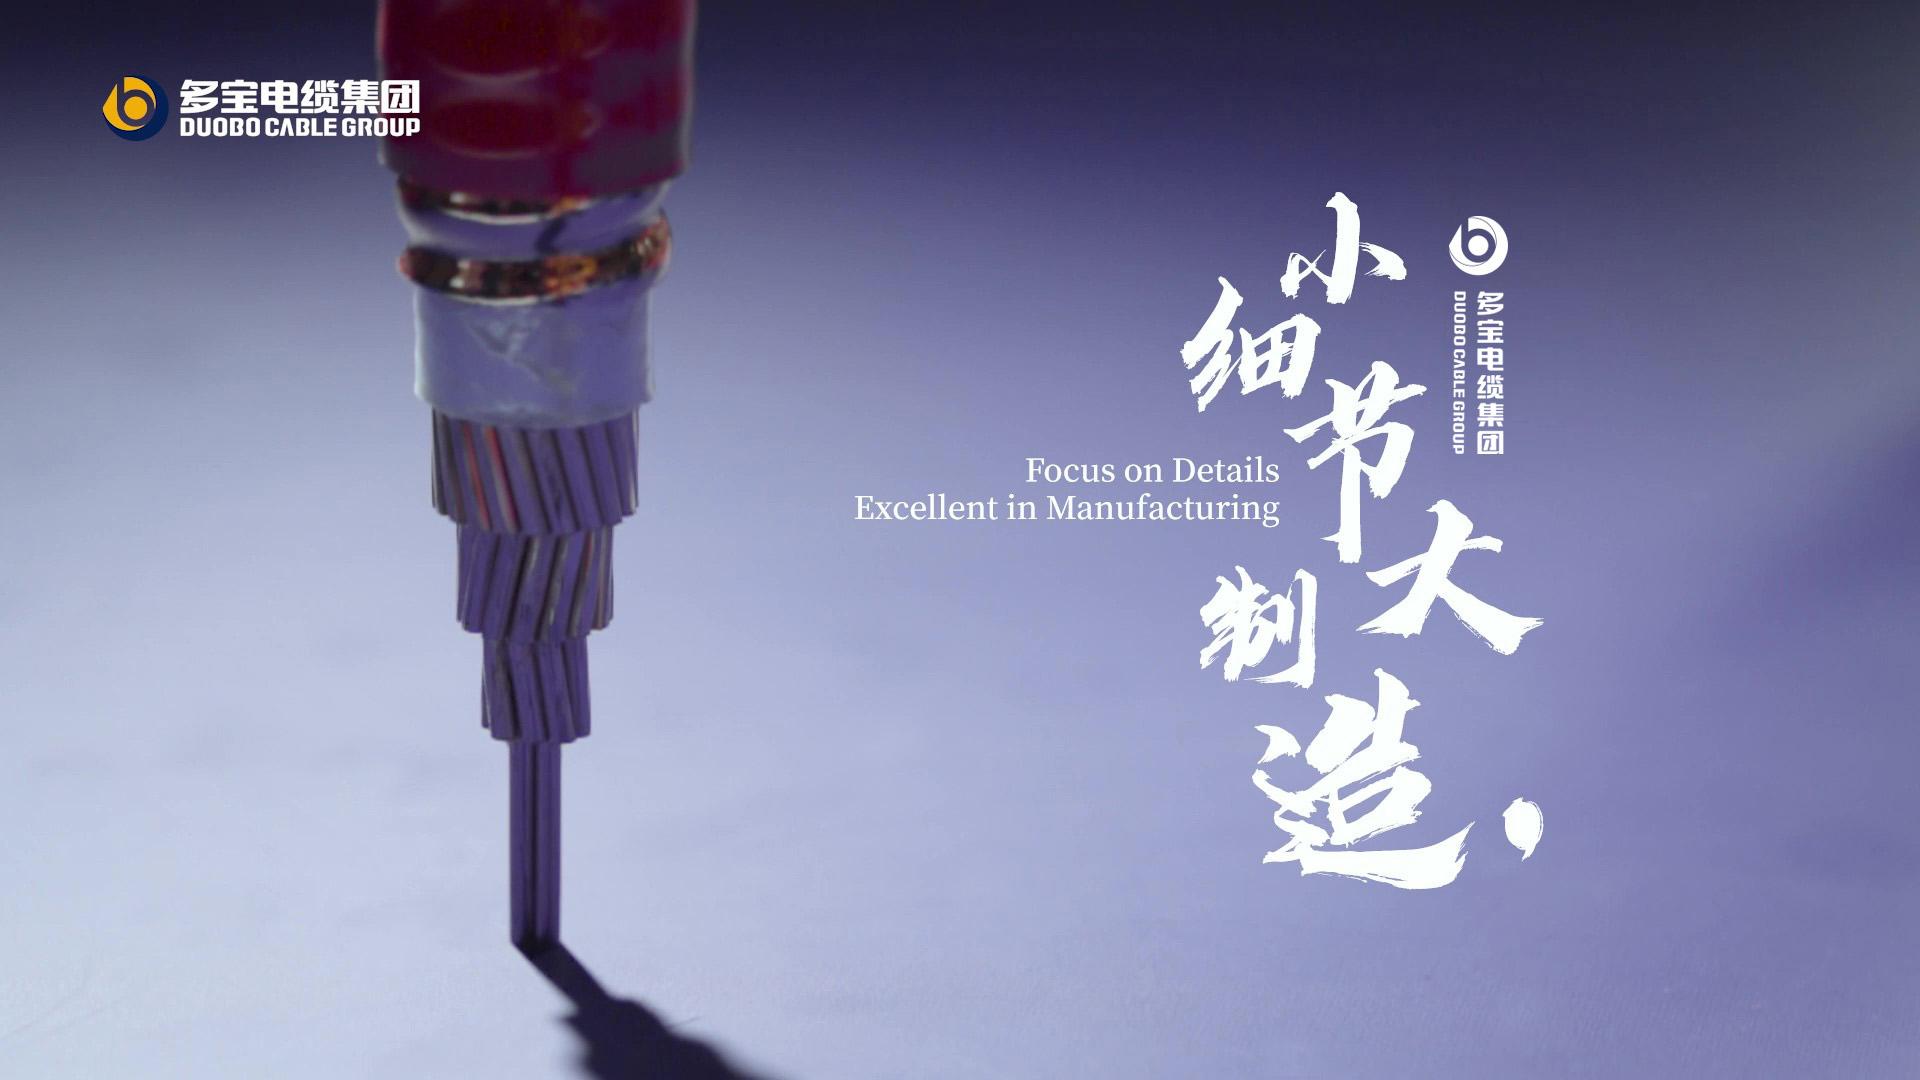 多寶電纜集團宣傳片《小細節大制造》